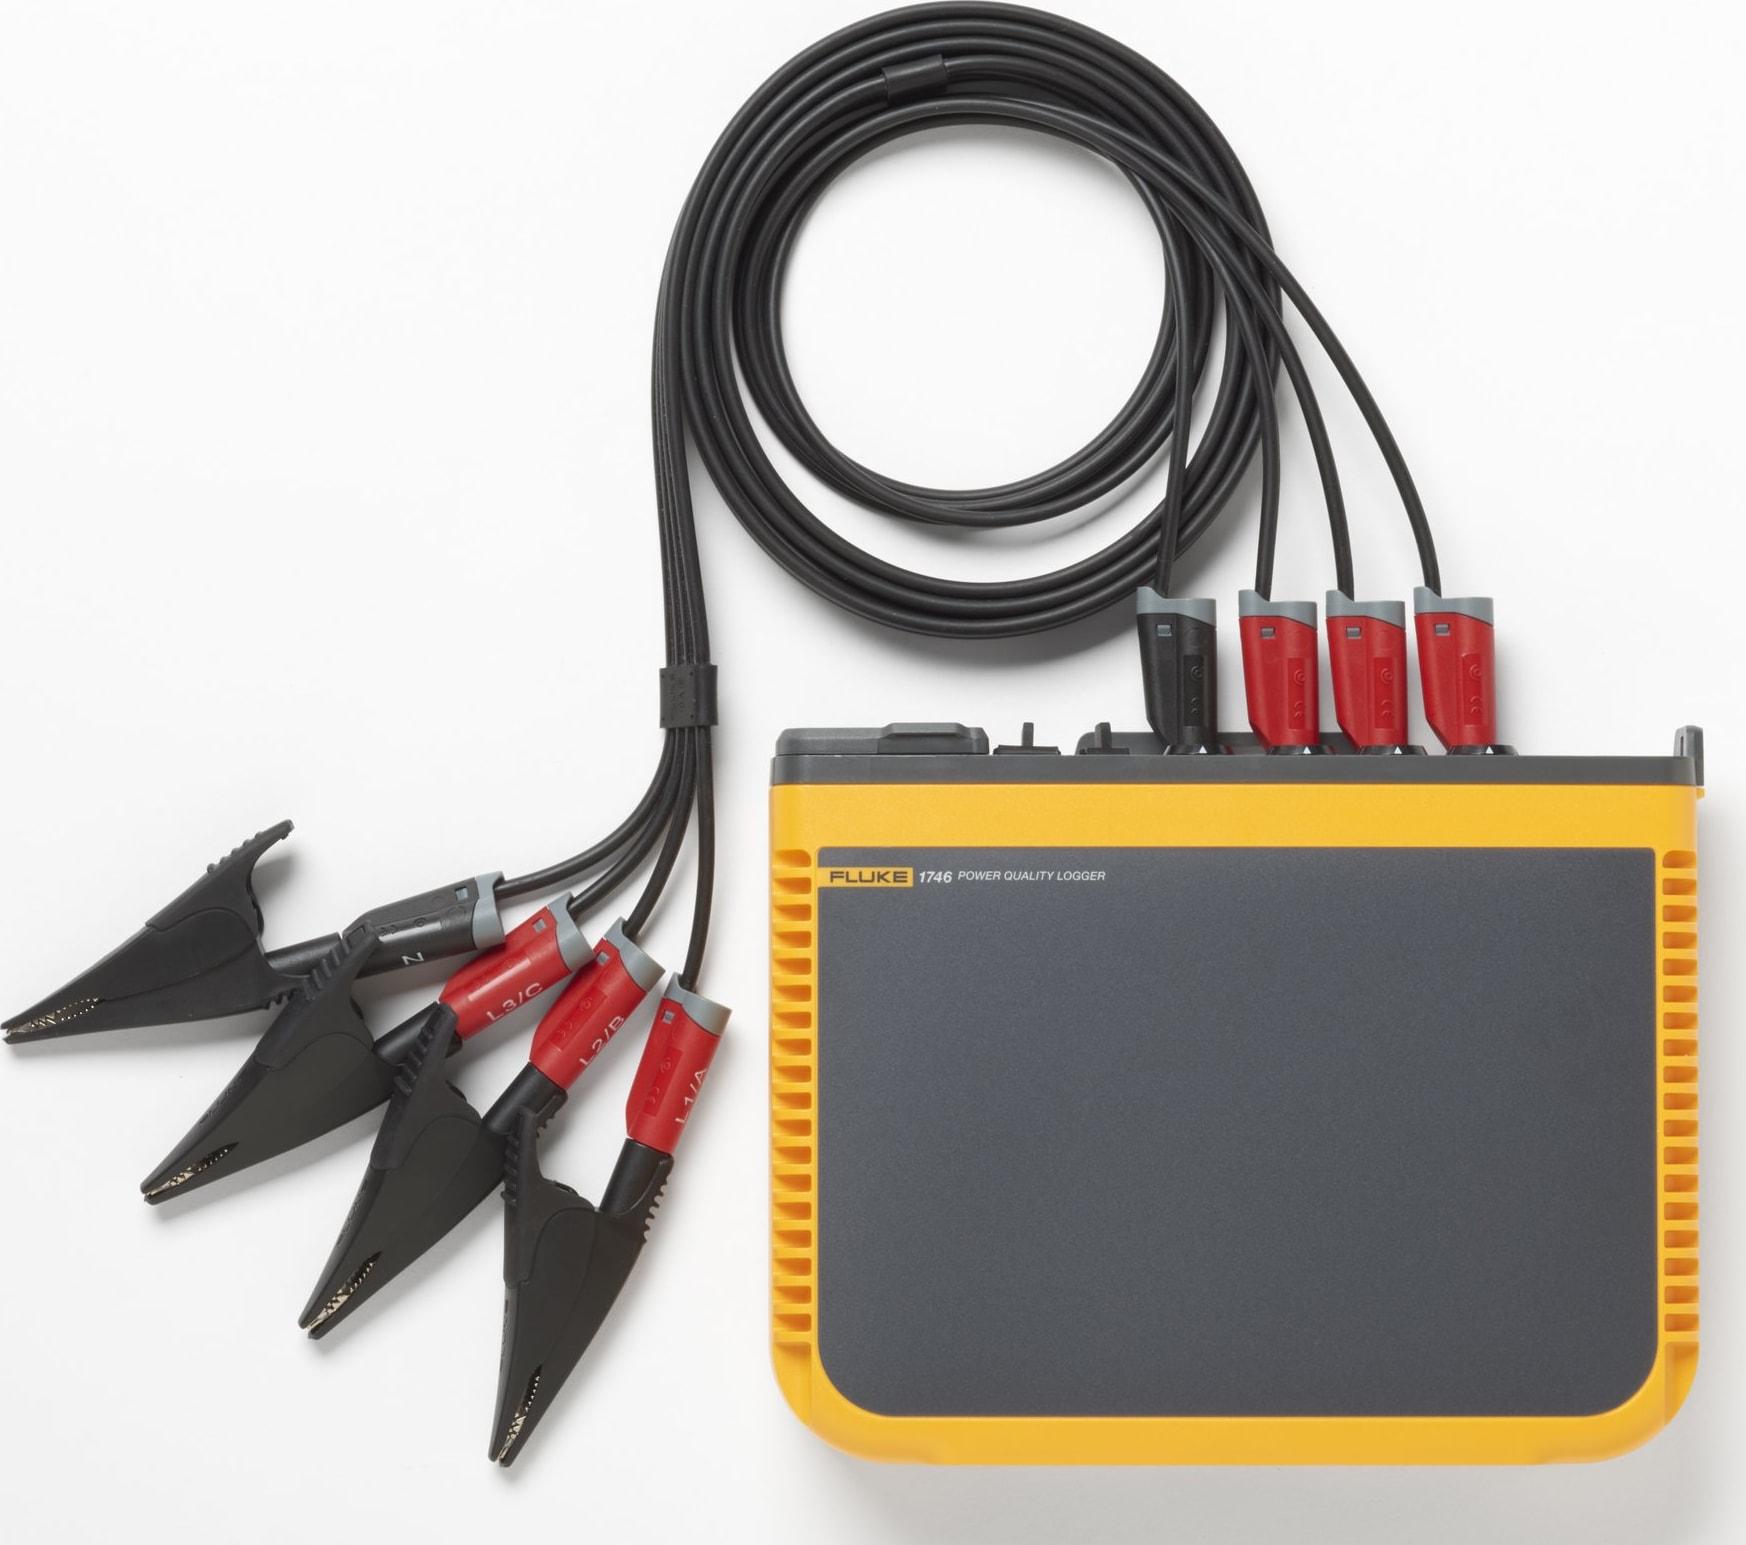 Fluke 1740 Series Three-Phase Power Quality Loggers No iFlex